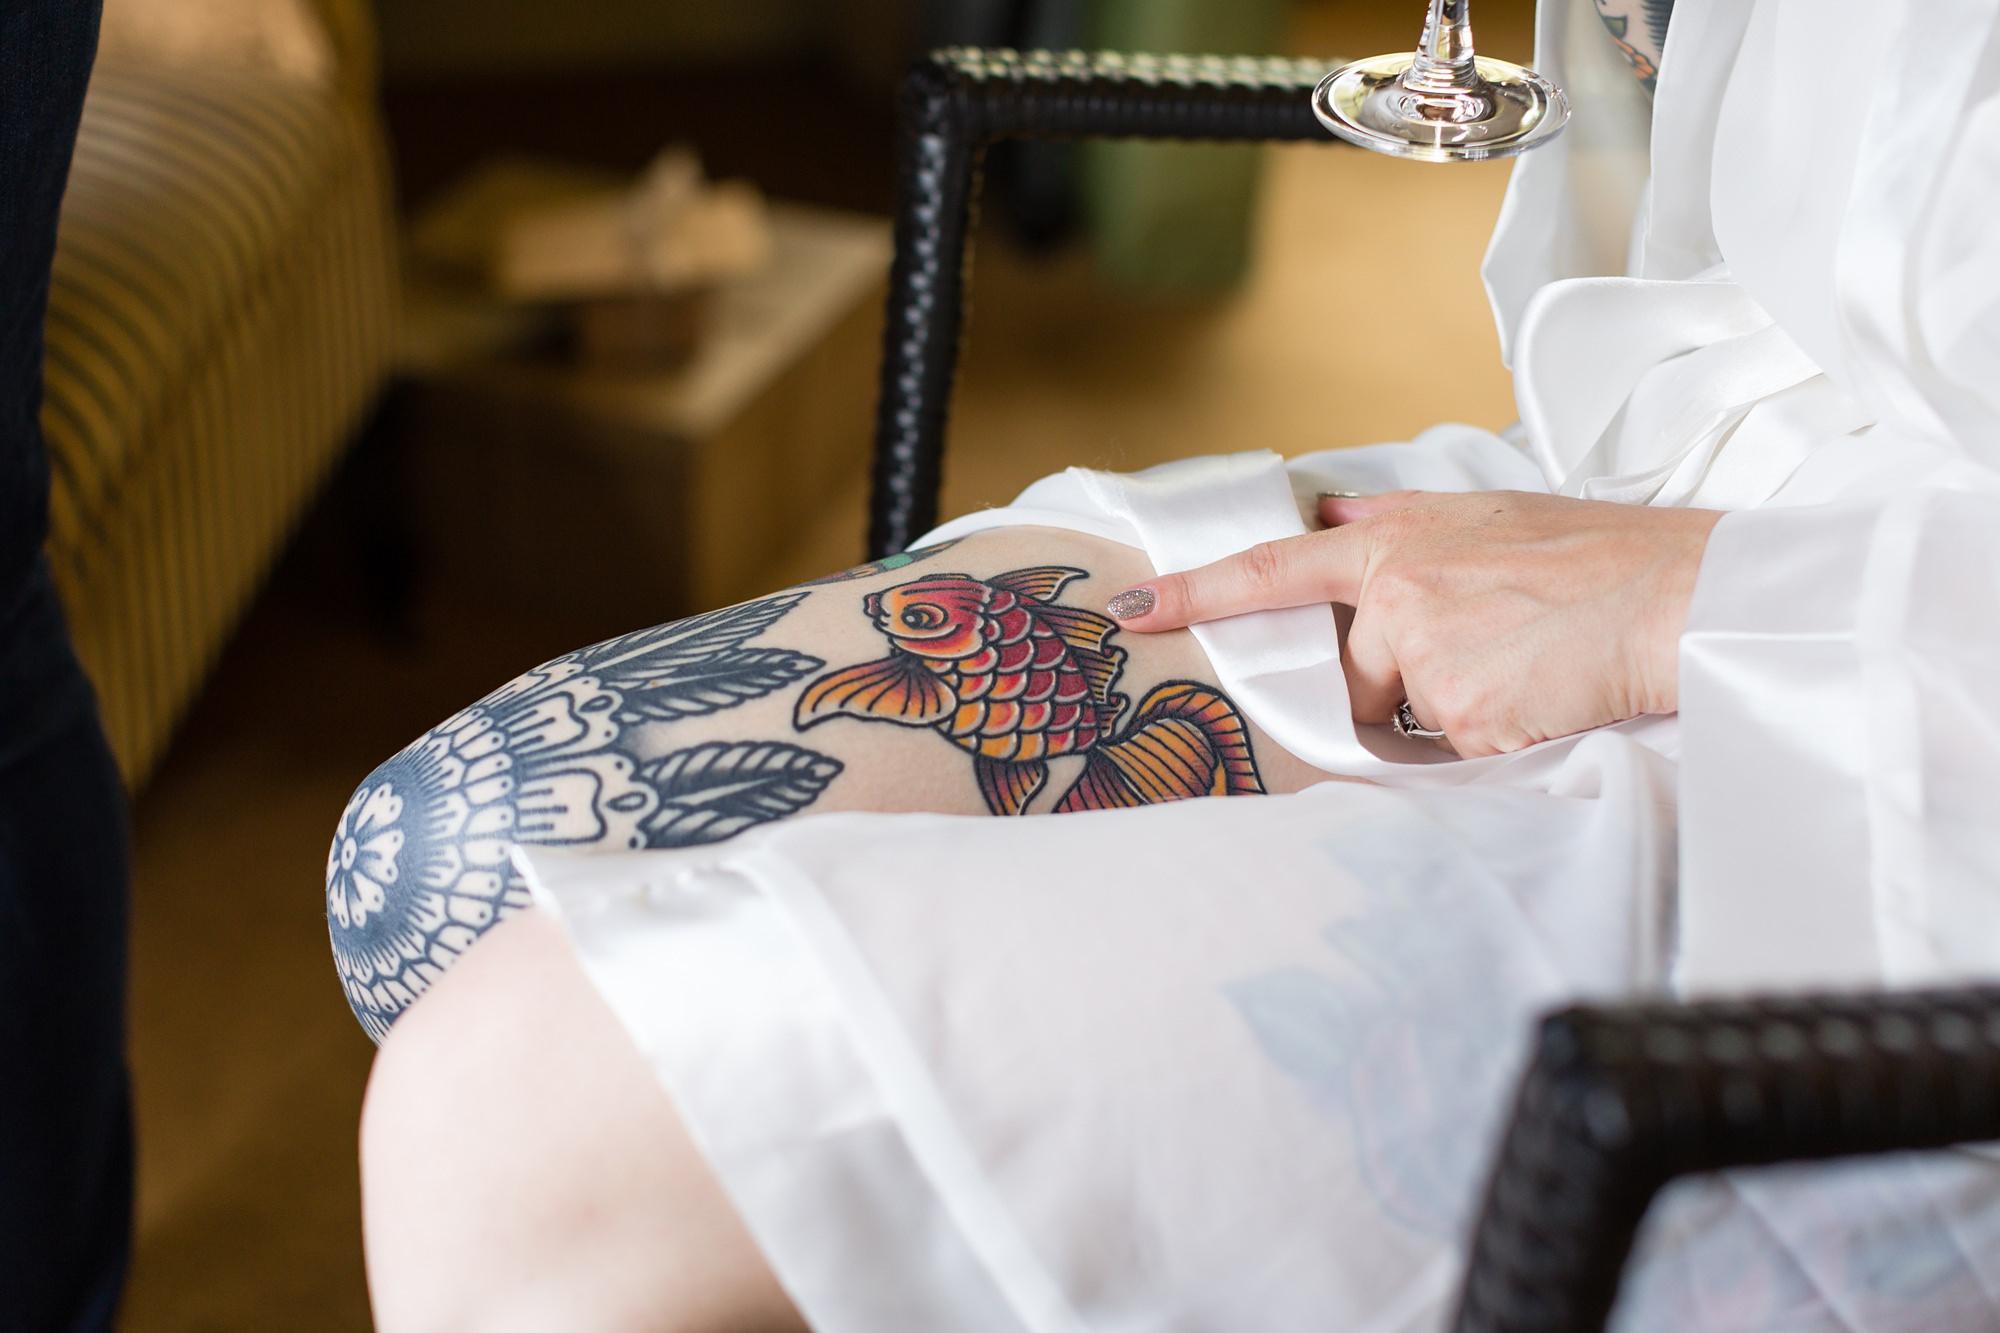 Tattooed bride shows leg tattoo